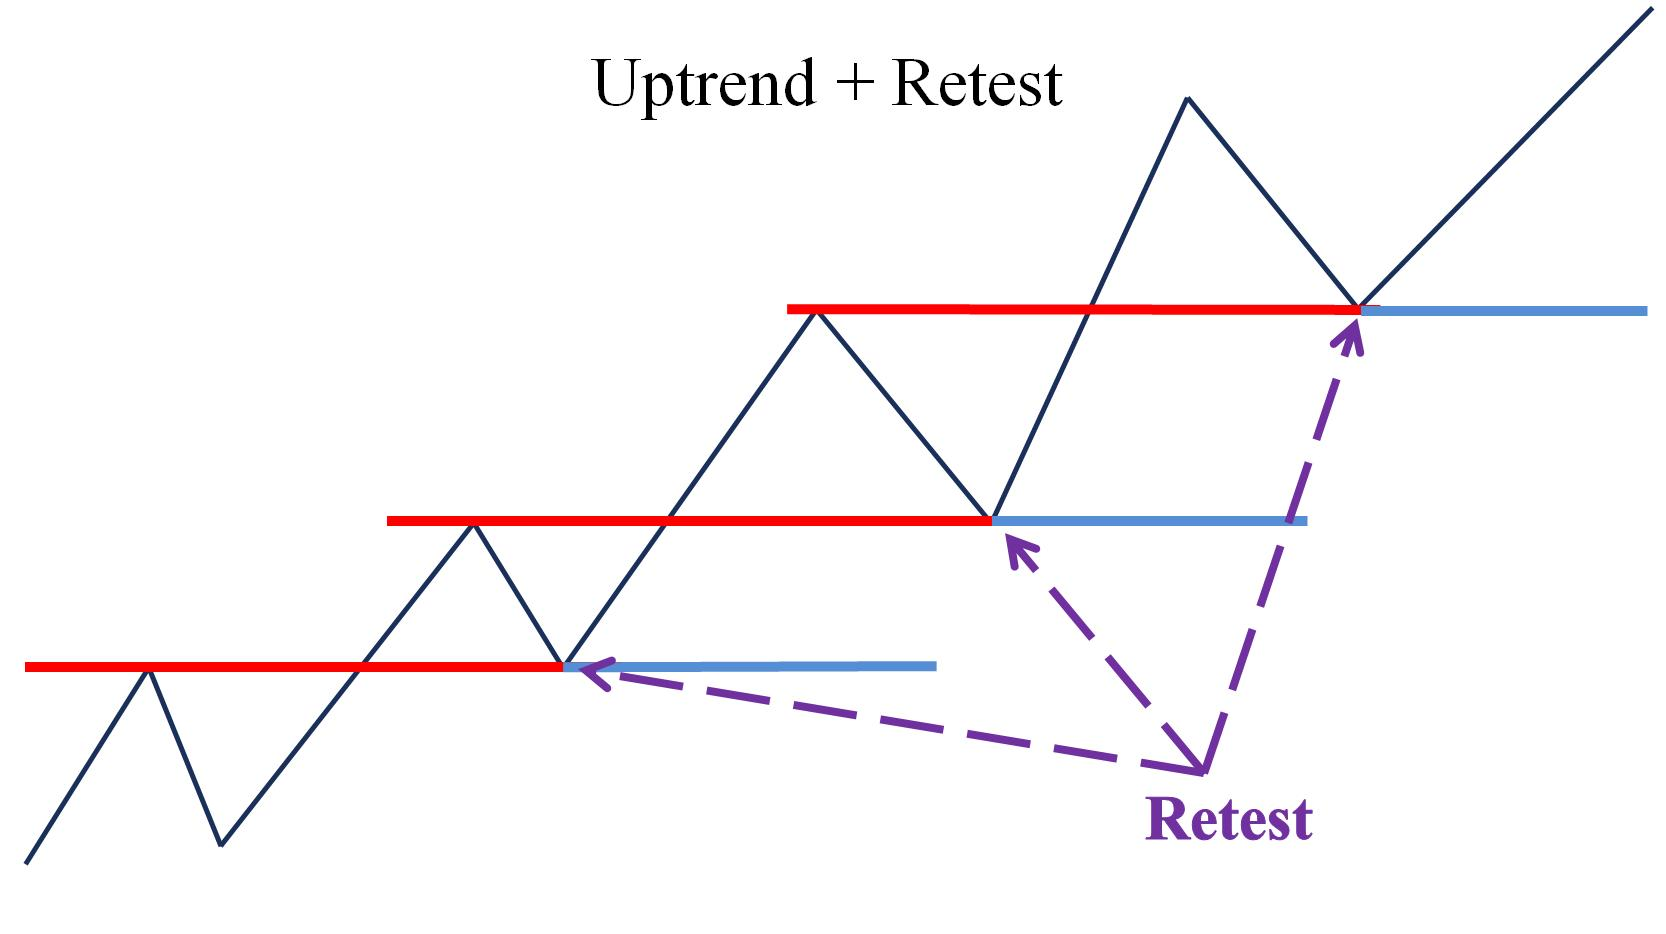 Giá vượt đỉnh trong Uptrend và Retest